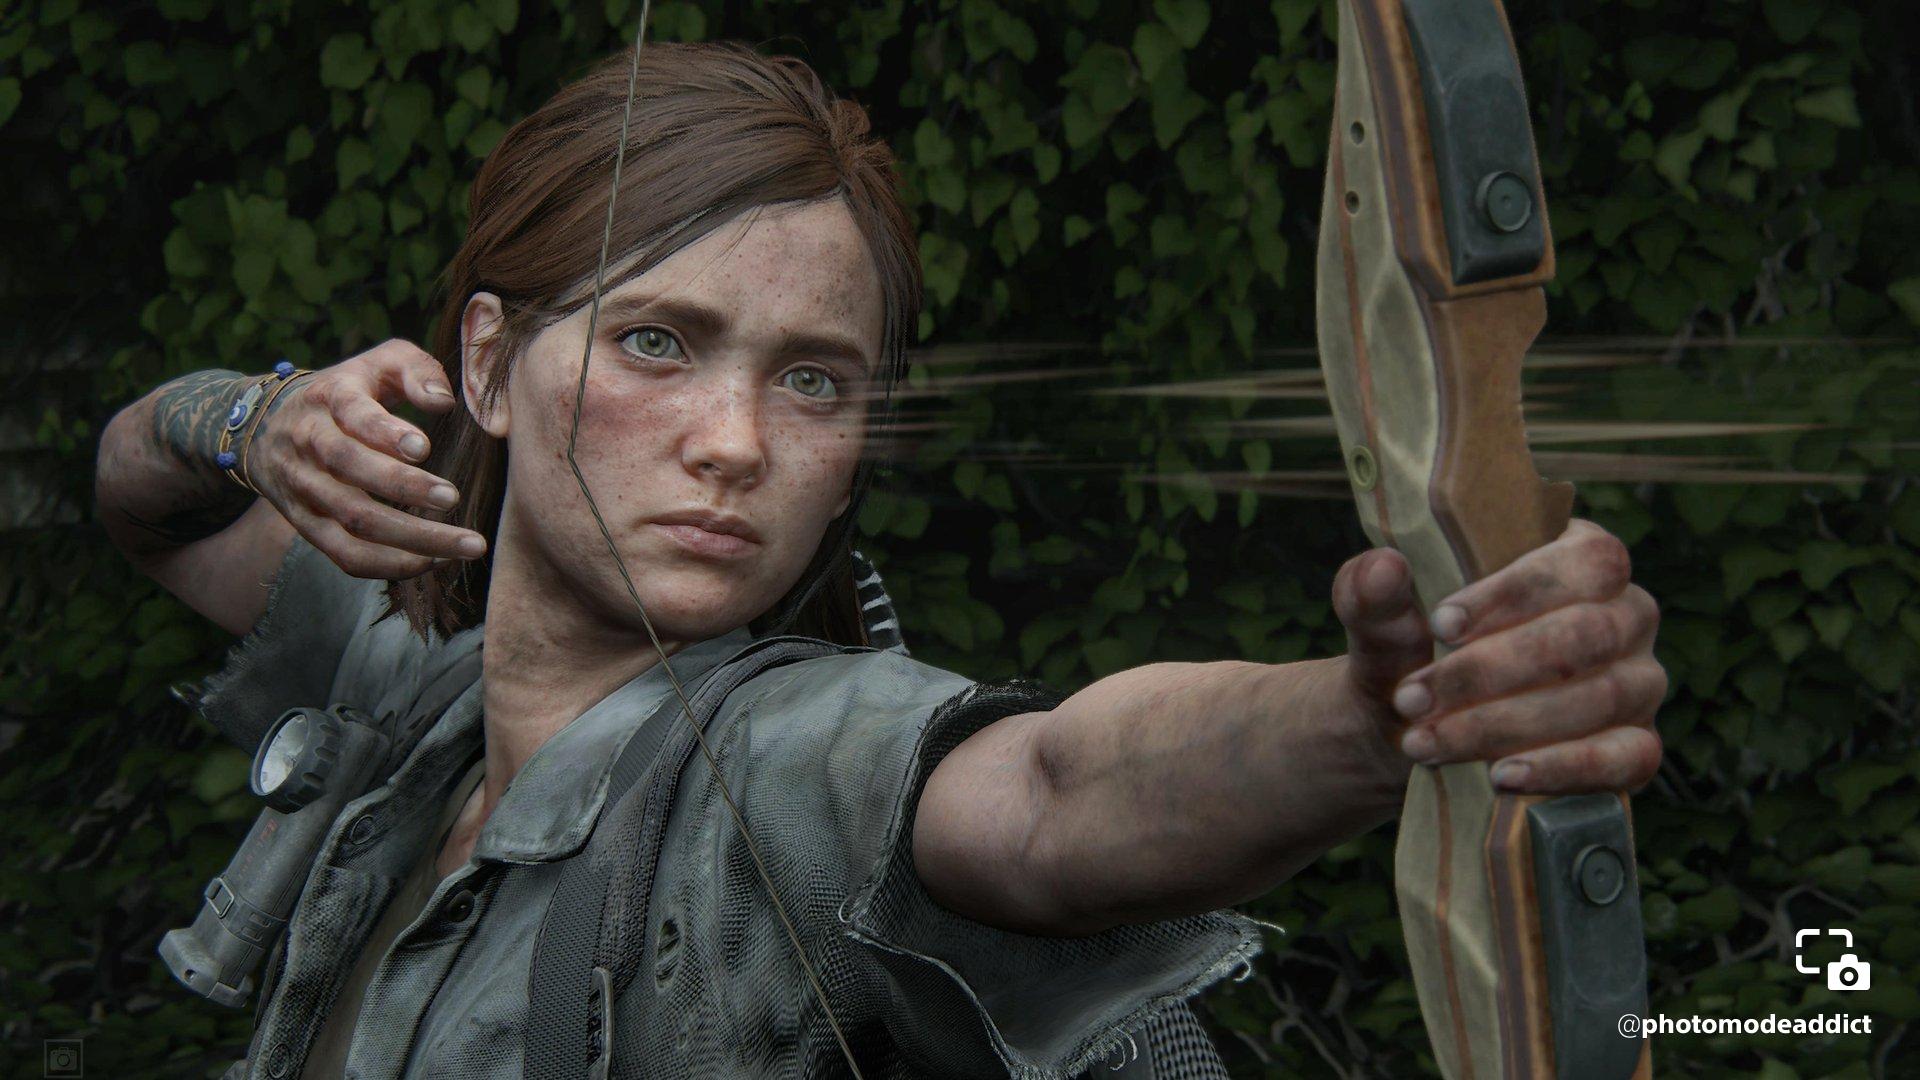 Jogos: The Last of Us Part II já vendeu mais de quatro milhões de cópias